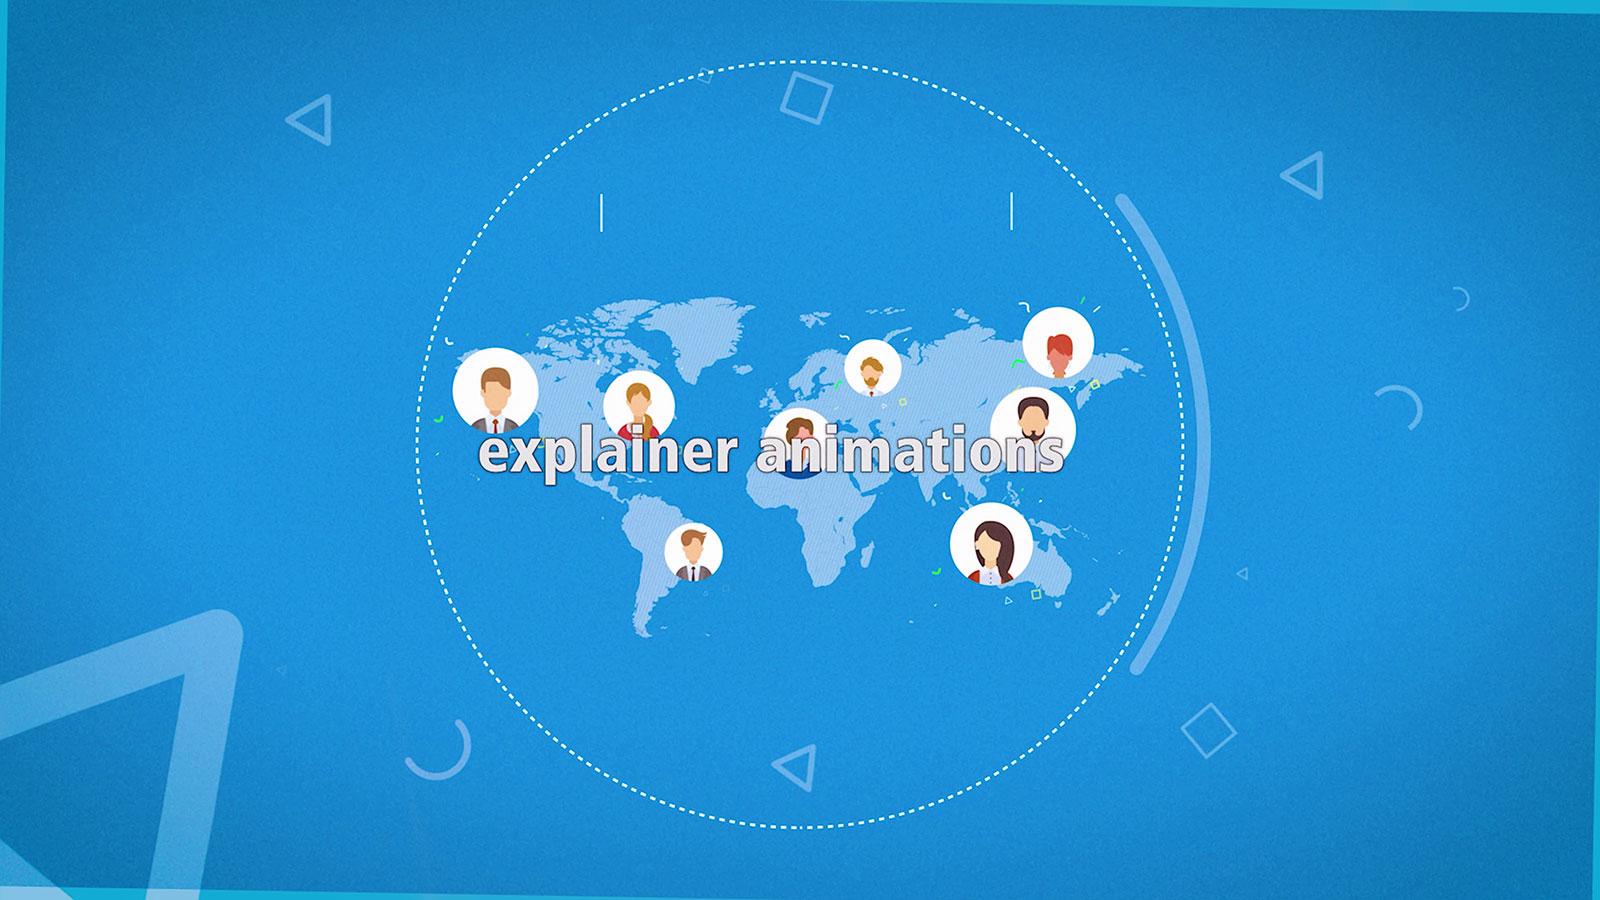 goedkope-animatievideo-laten-maken-uitleg-animatie